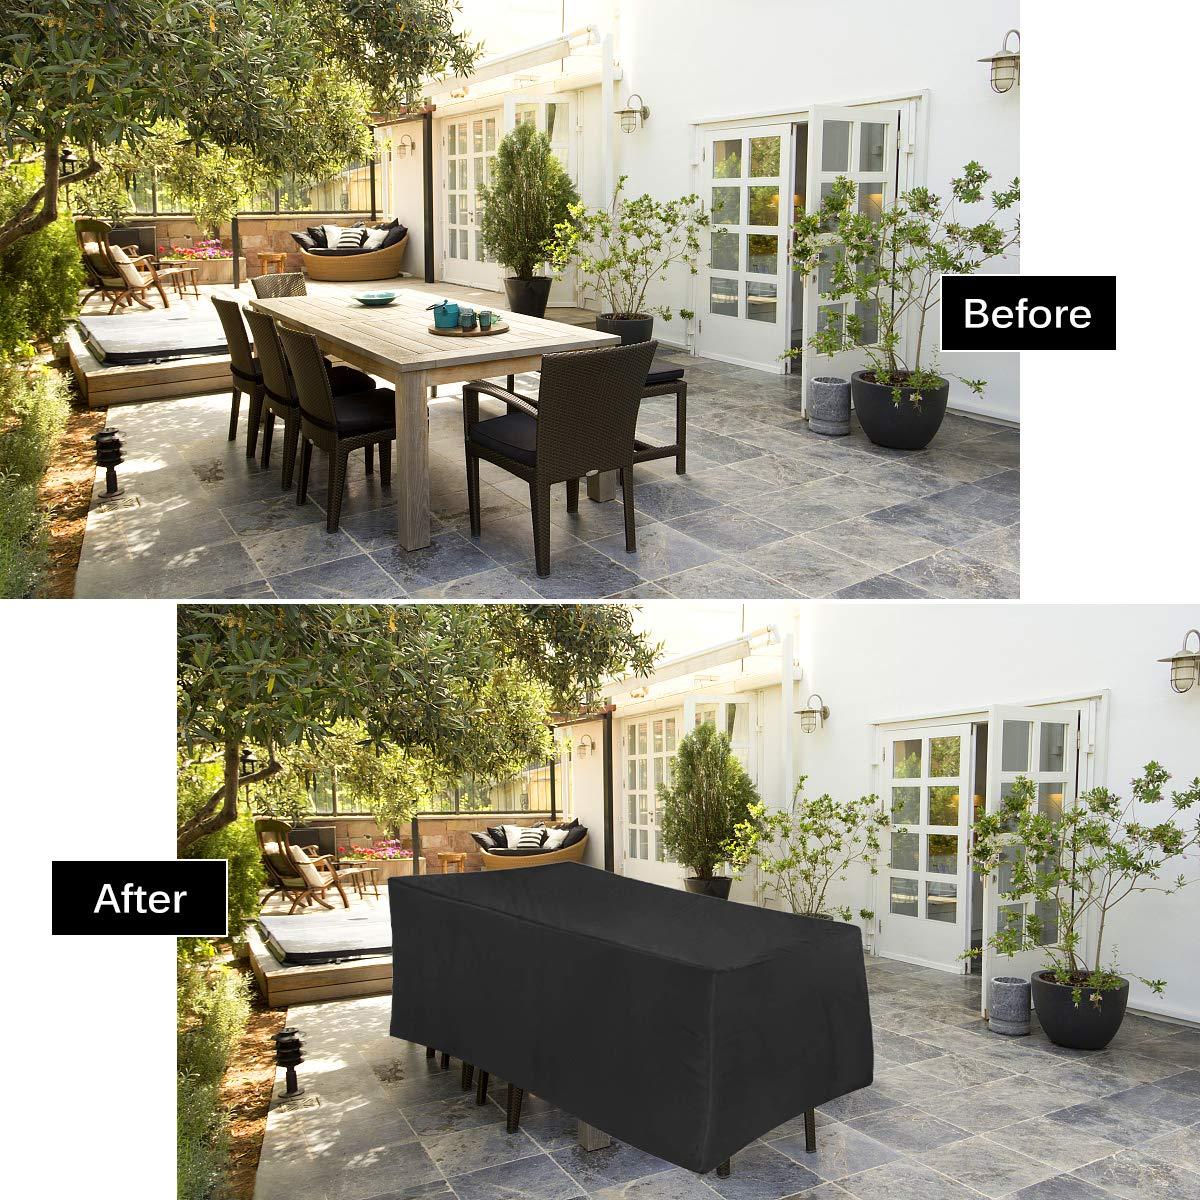 Gartenmöbel Abdeckung 210D Oxford Gewebe Schutzhülle Für Garten Tisch Und  Stühle   UV Schutz,Wasserdicht Multi Size ...